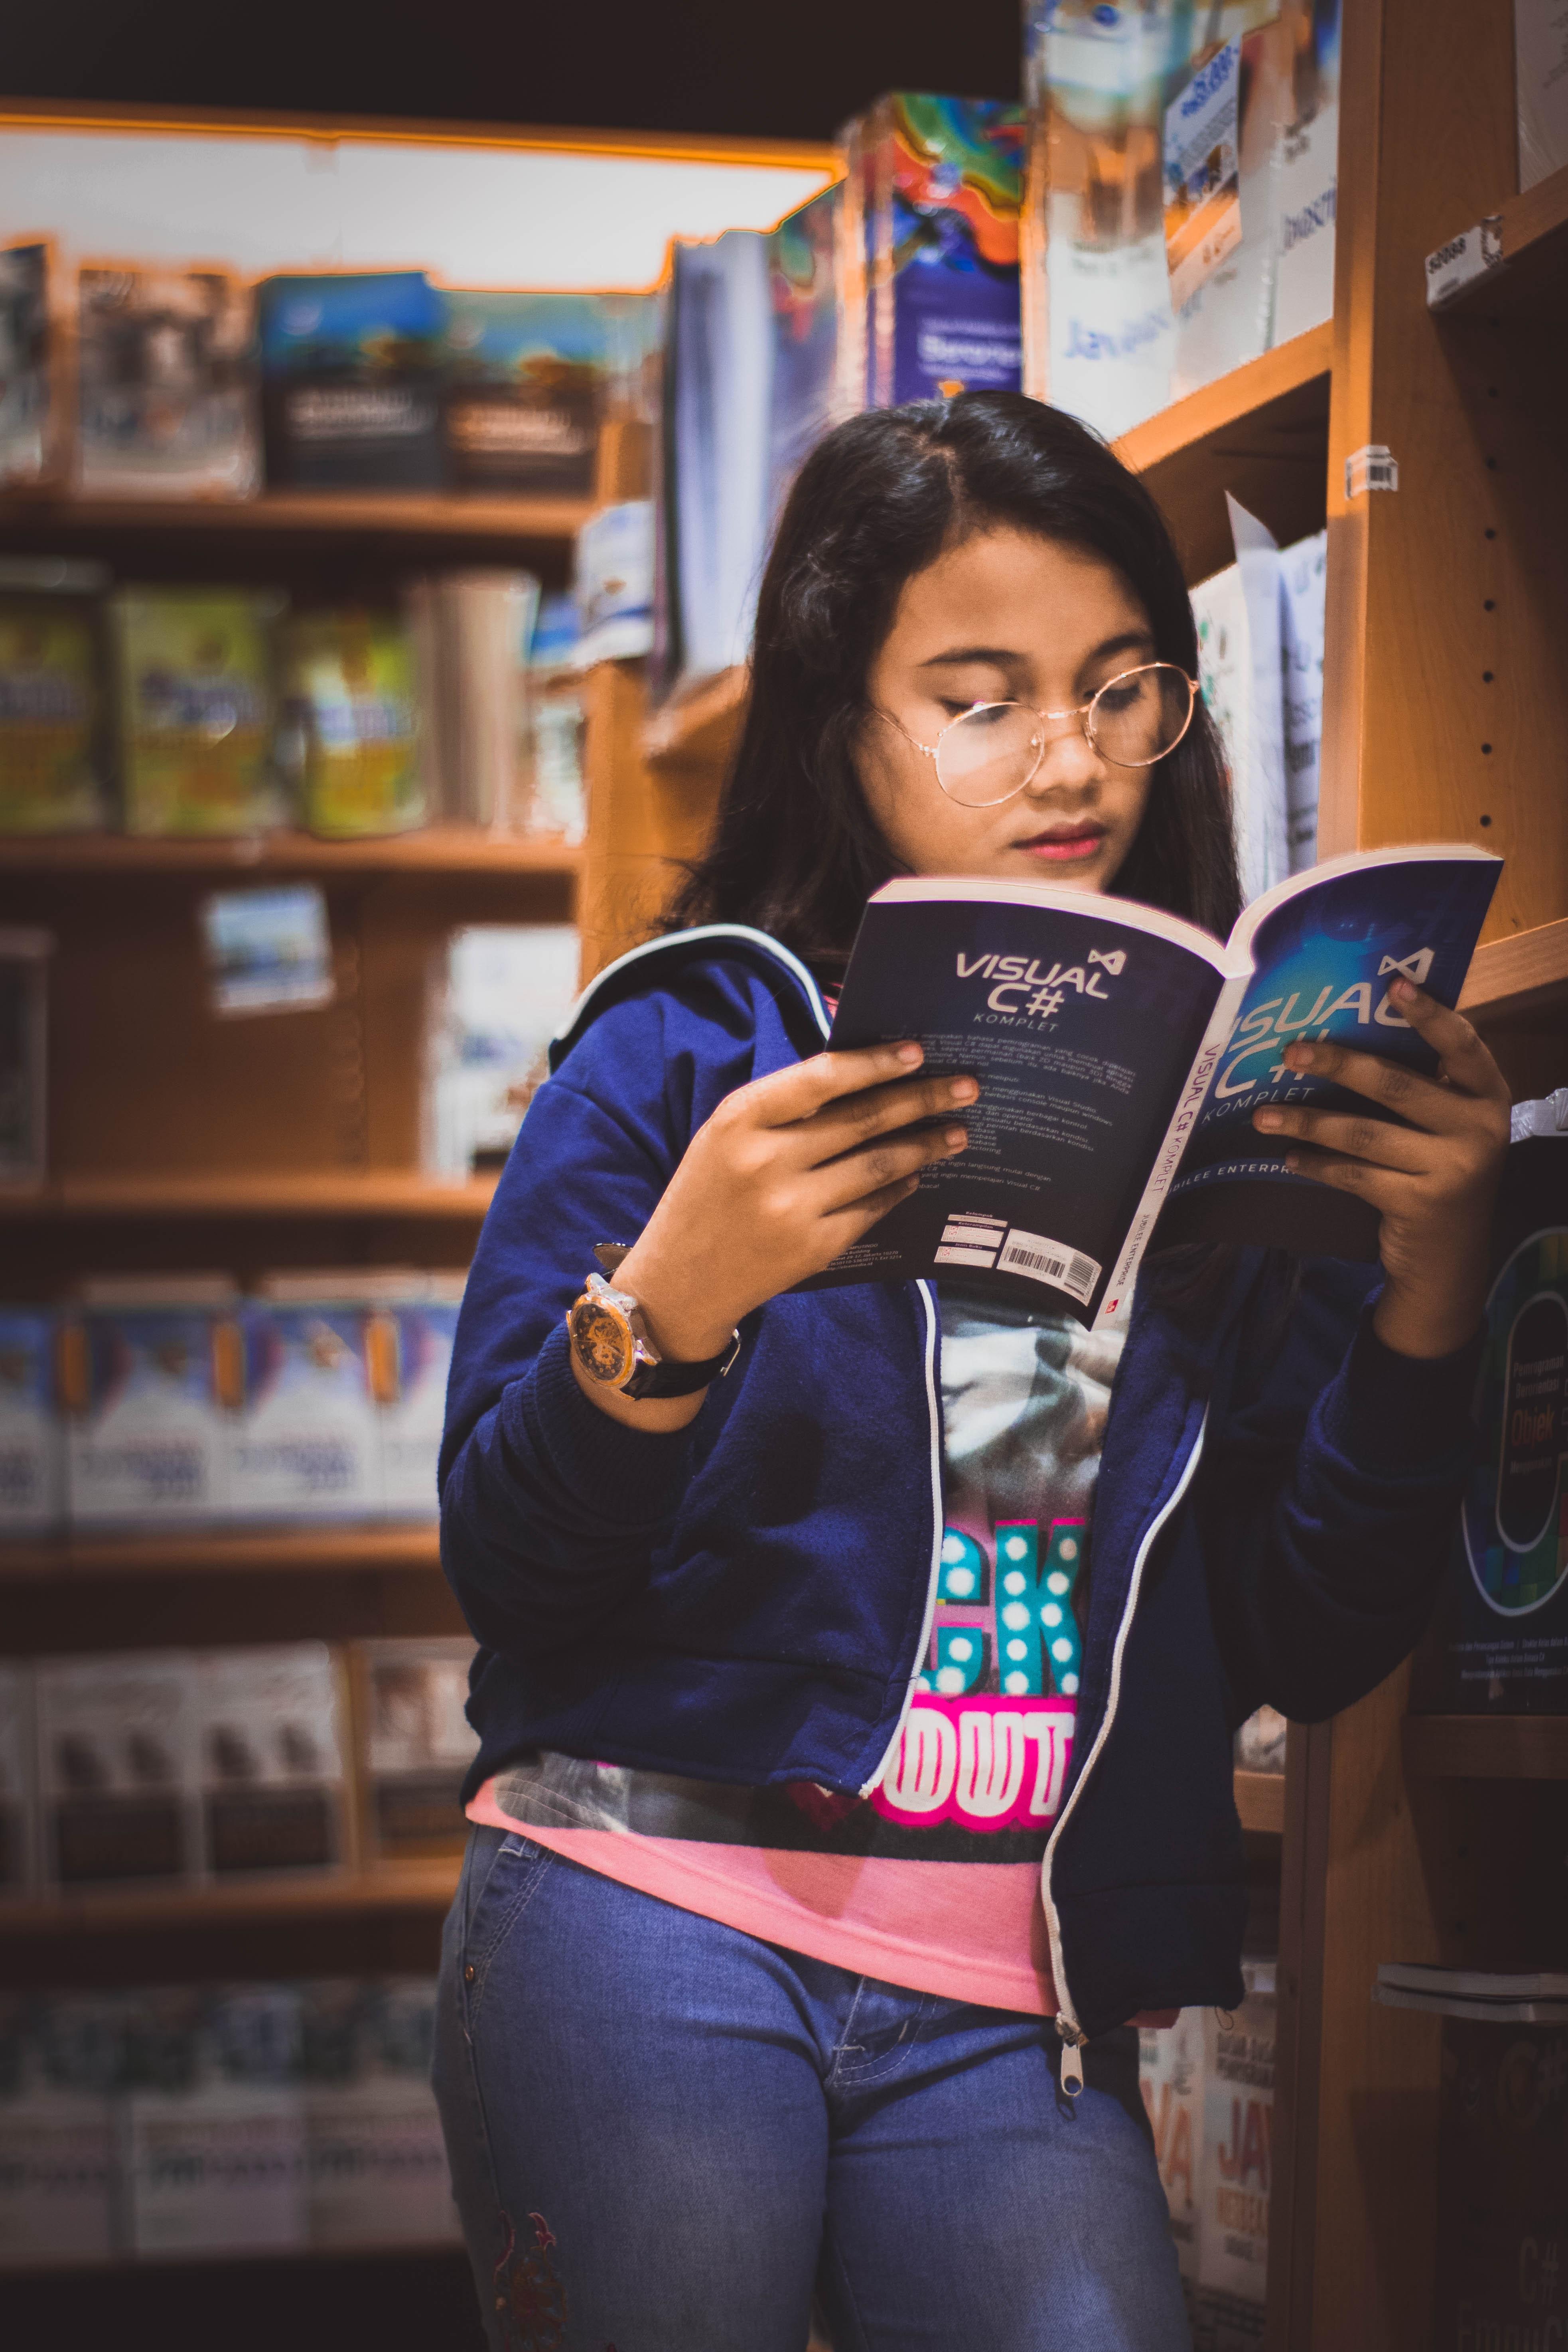 Feira literária escolar: instrumento de incentivo à leitura